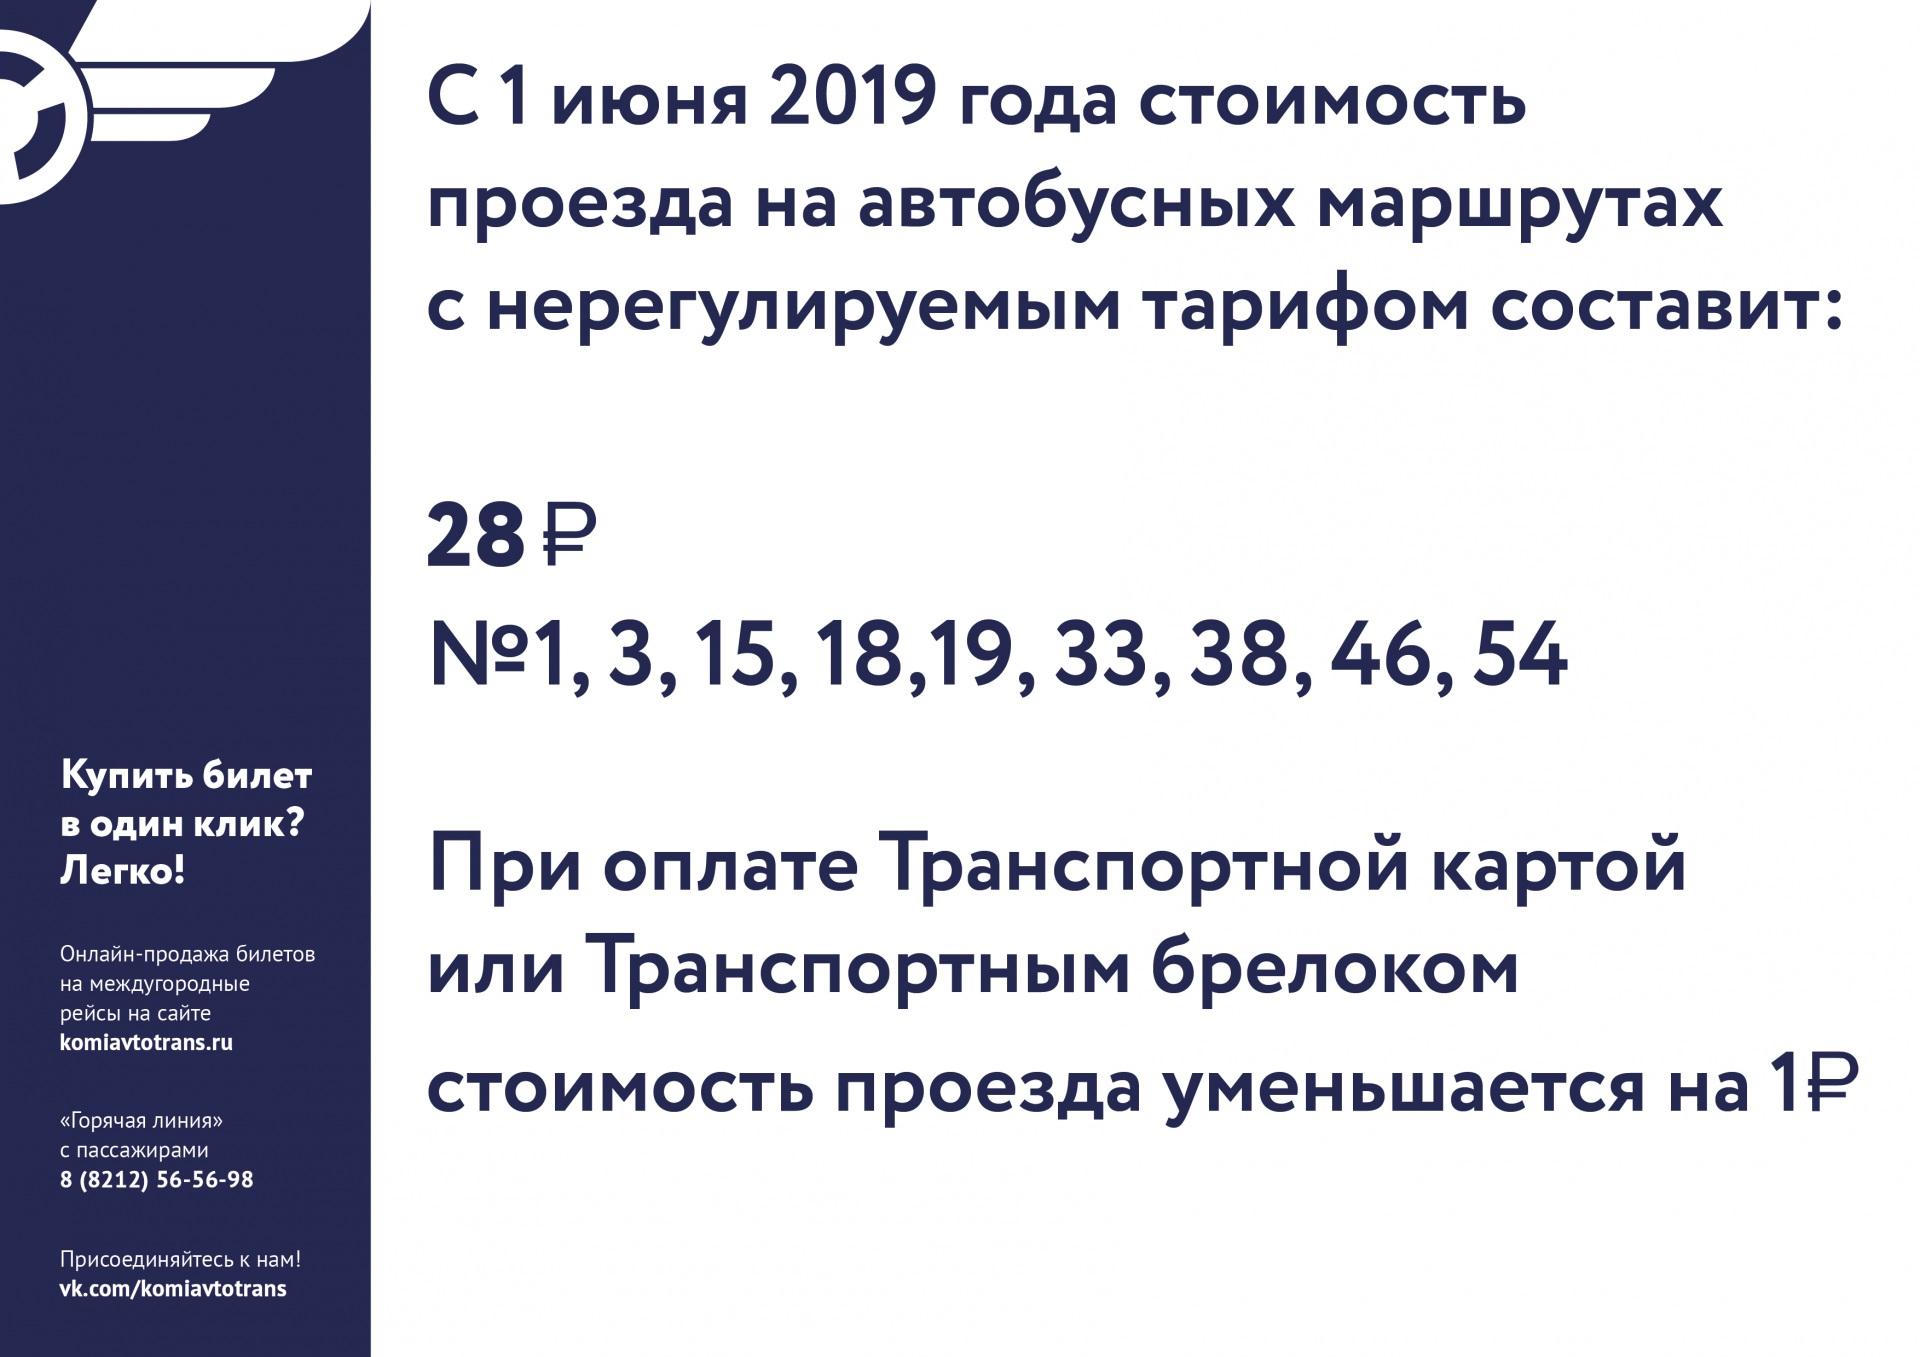 Stoimost-proezda-s-1-iyunya-01.jpg